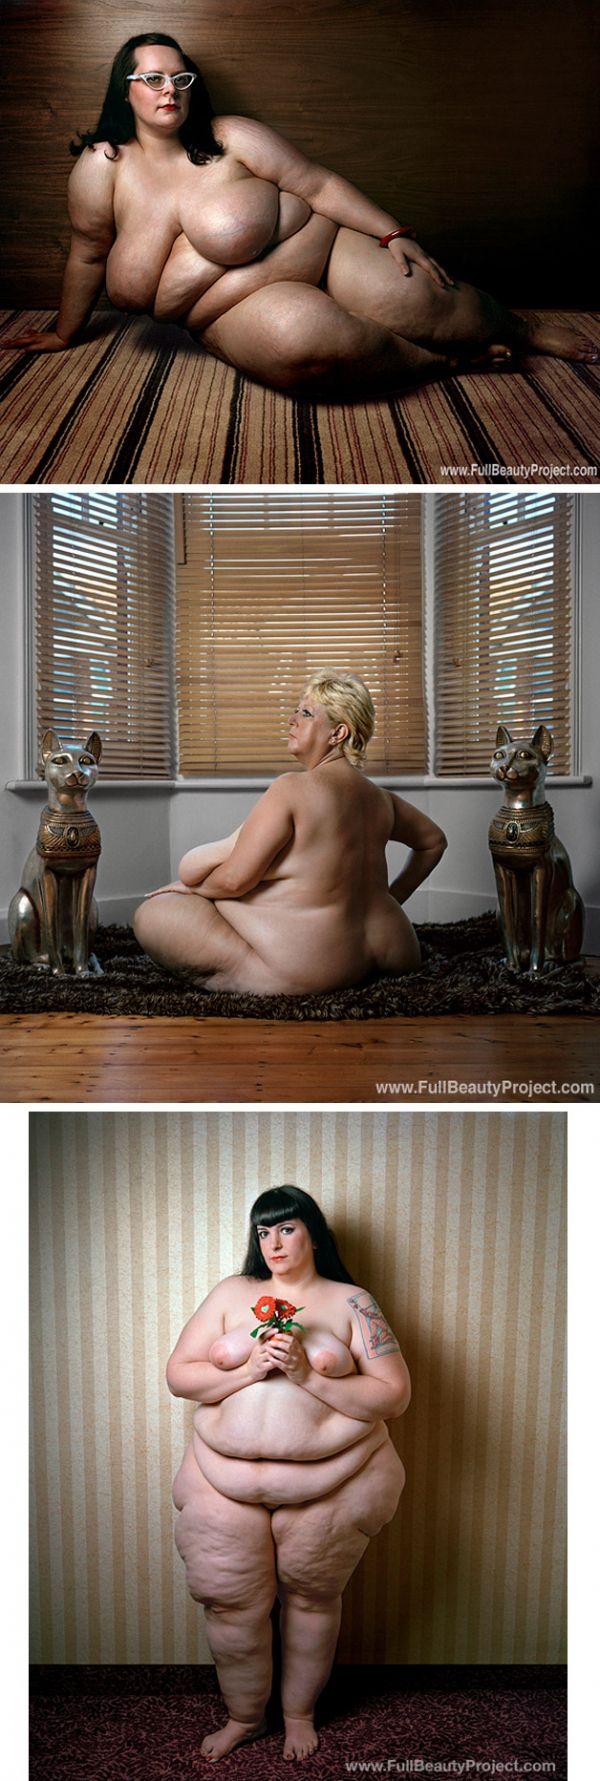 fotos de mujeres rellenitas desnudas lindas: